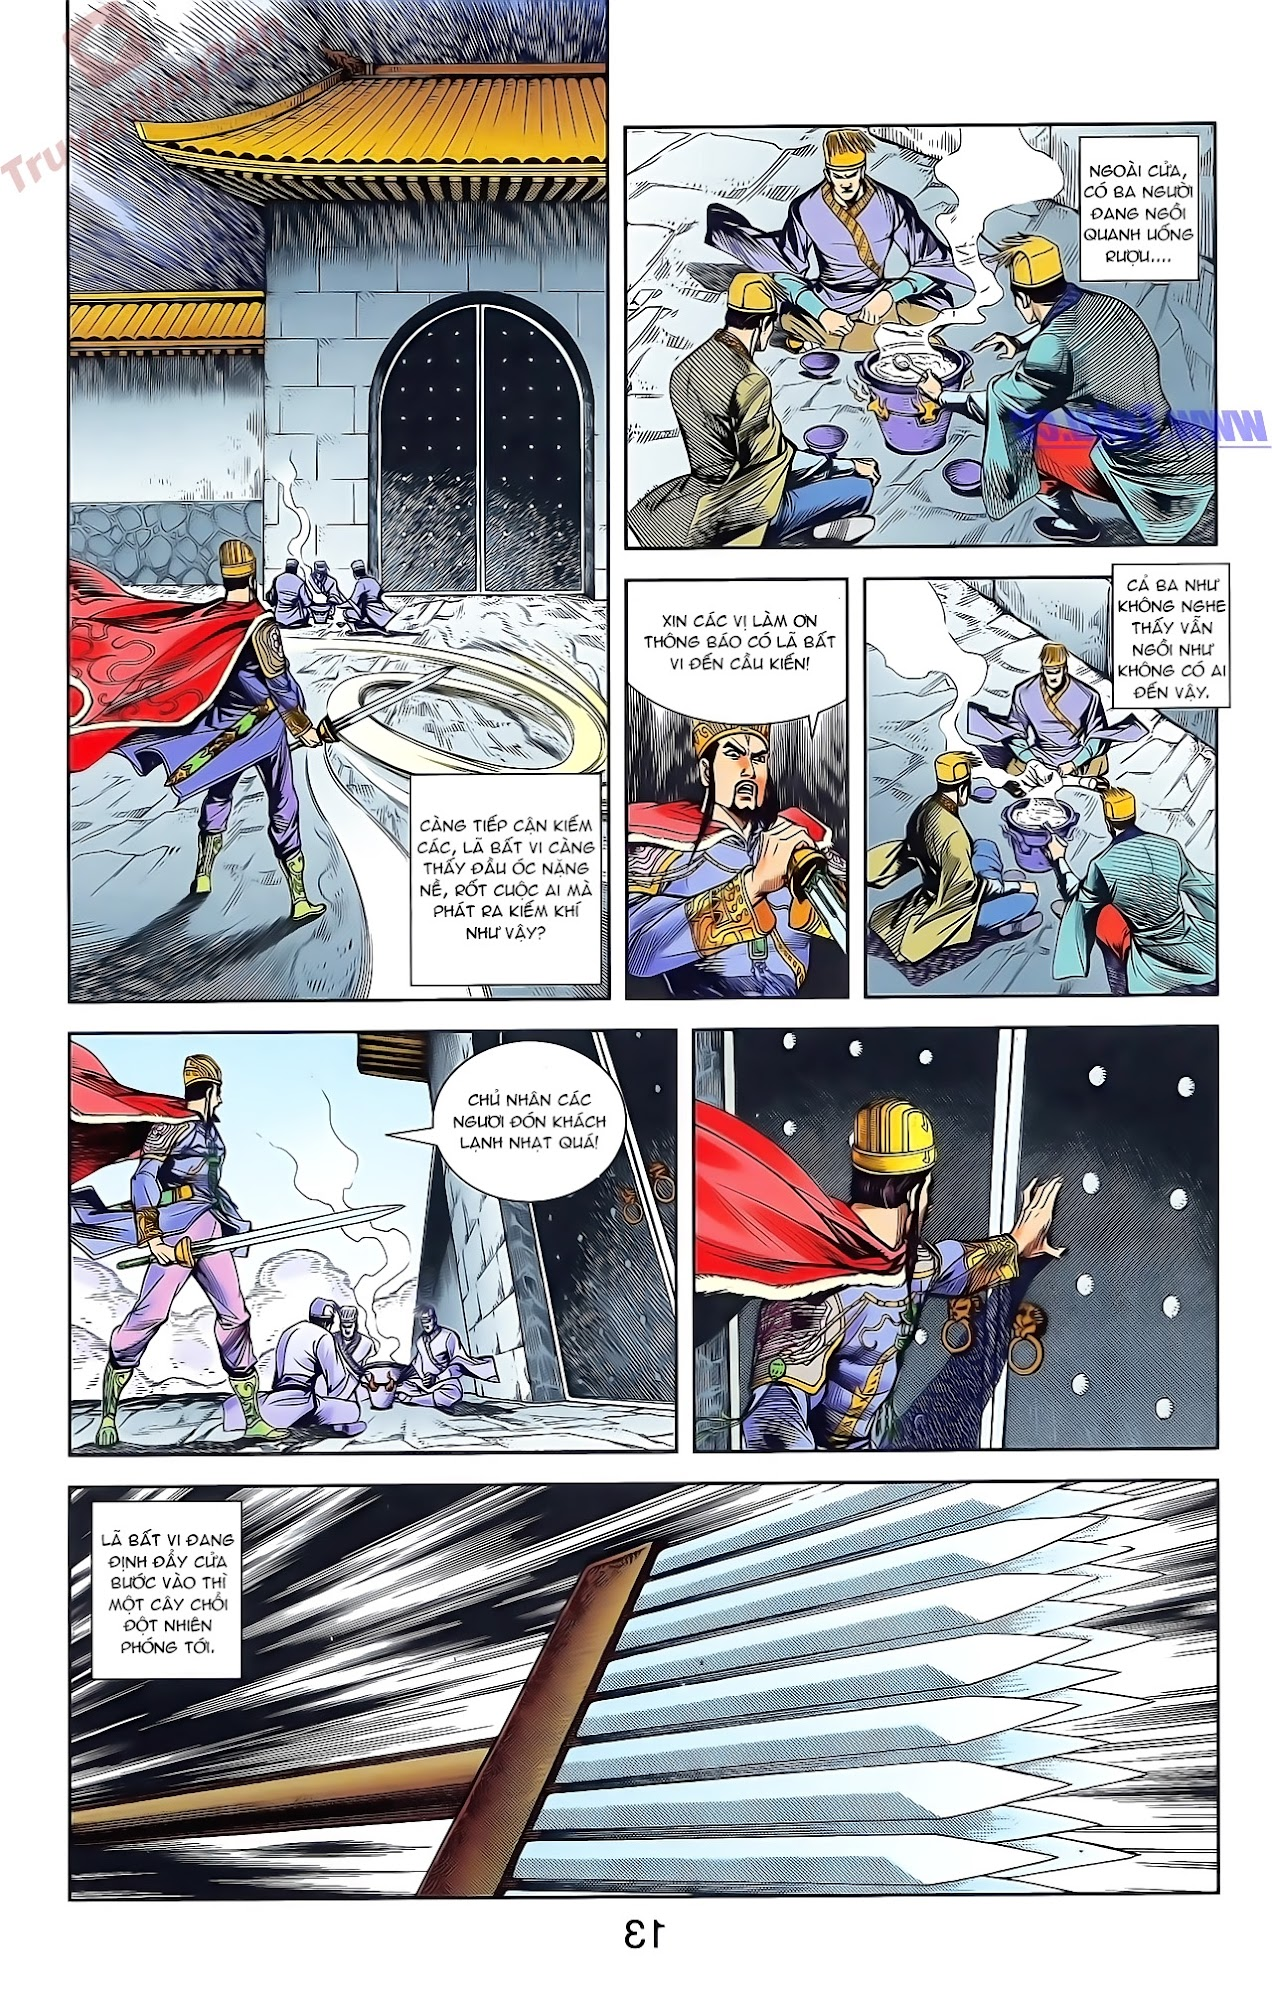 Tần Vương Doanh Chính chapter 47 trang 26